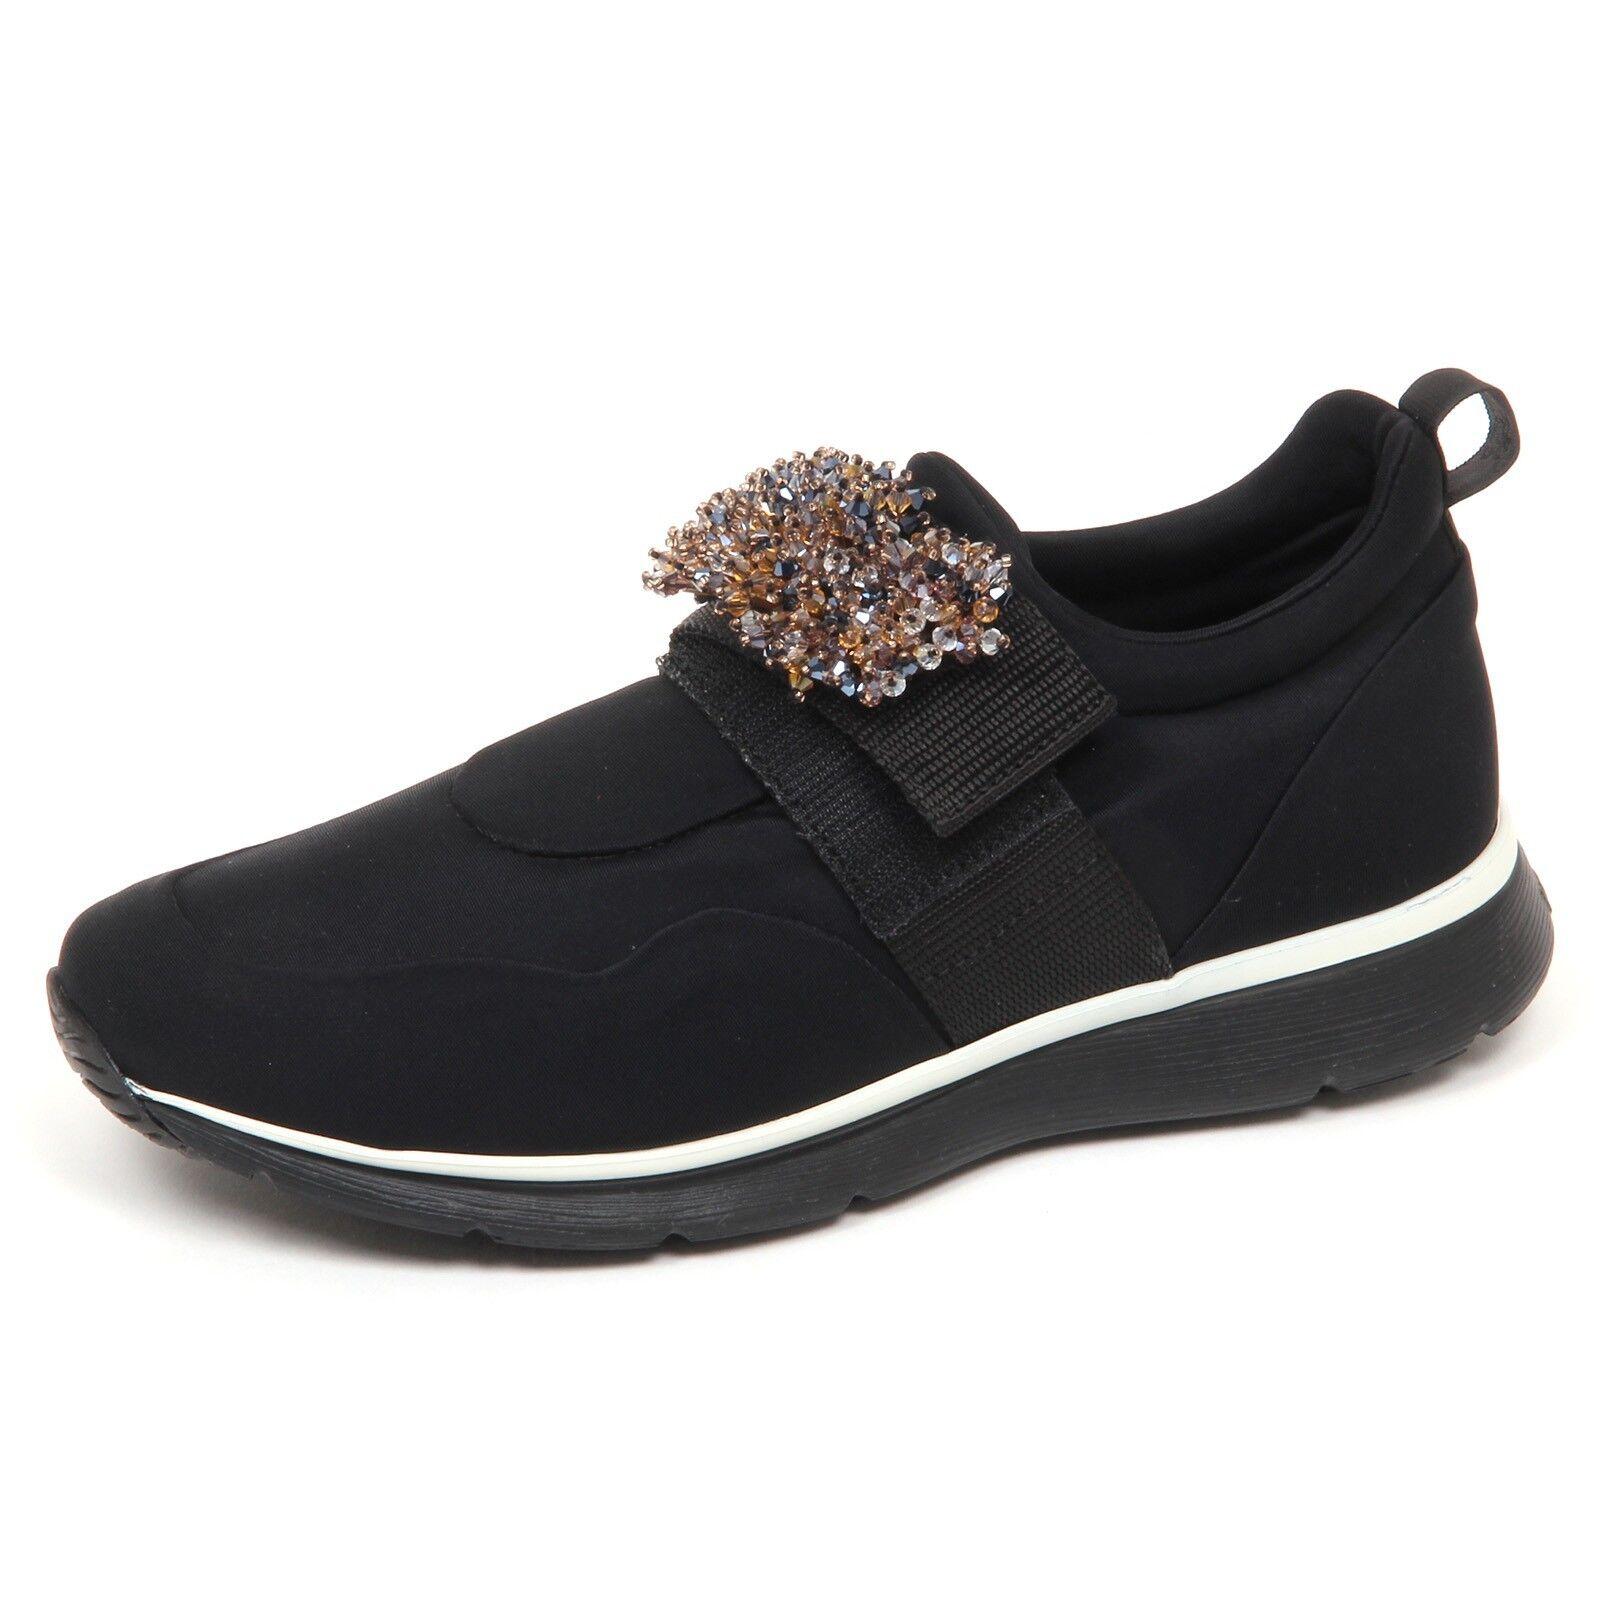 E4802 sneaker donna tissue HOGAN H254 nero scarpe con pietre slip on shoe woman